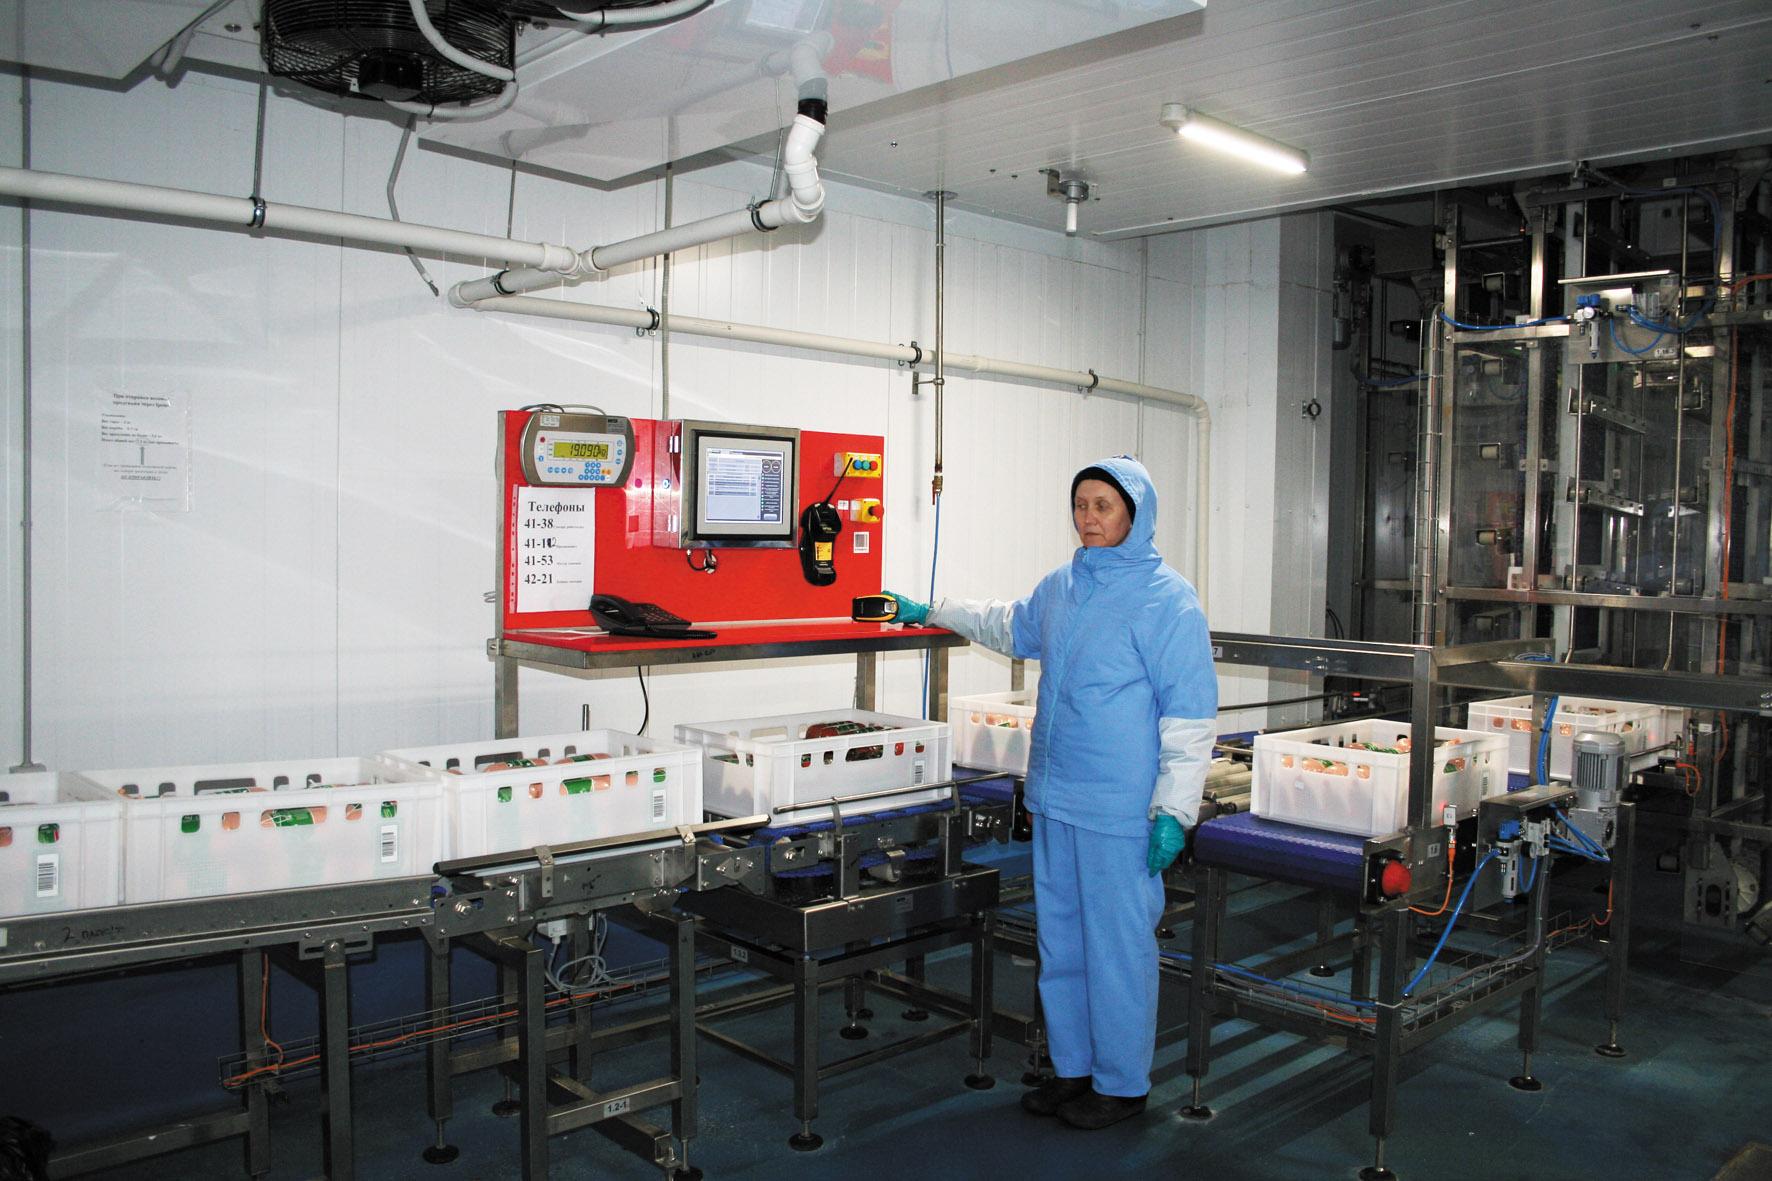 Продукция ООО «Агросила. Челны-МПК» поступает на склад в пластиковых ящиках